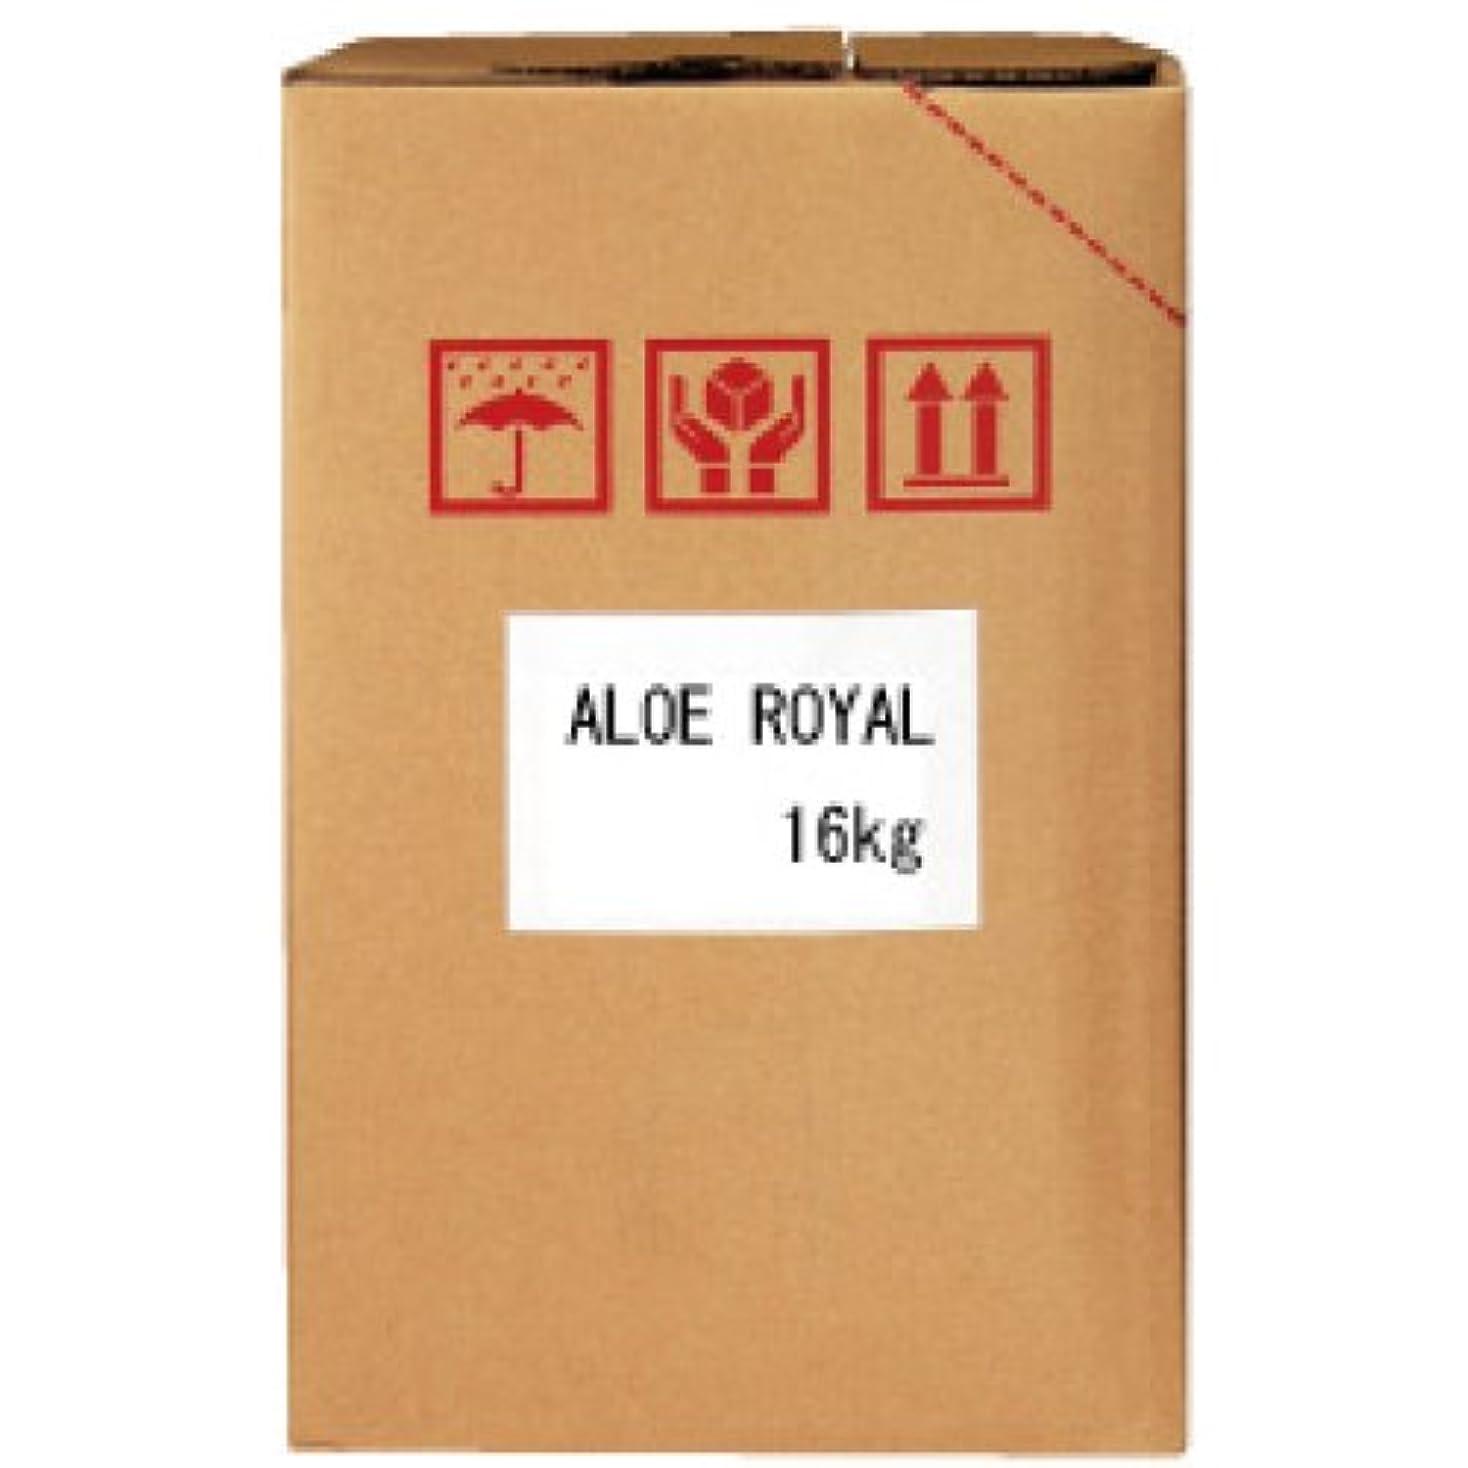 このゴミ箱を空にする望み鈴木油脂 業務用手洗い洗剤 アロエローヤル 16kg S-2013